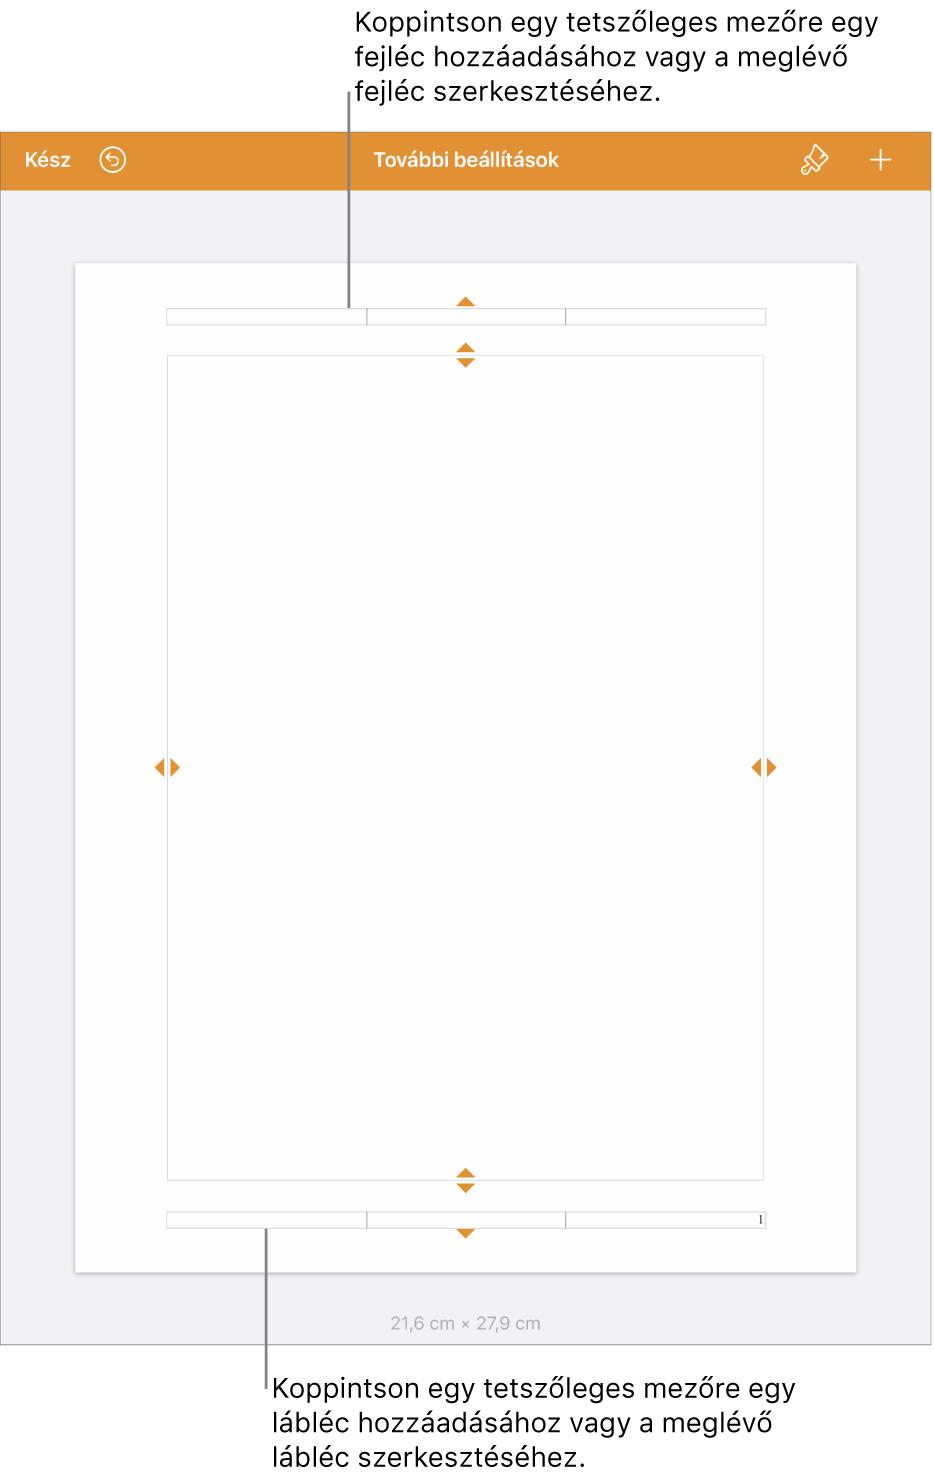 A További beállítások nézet három fejléc mezővel a lap tetején és három lábléc mezővel a lap alján.